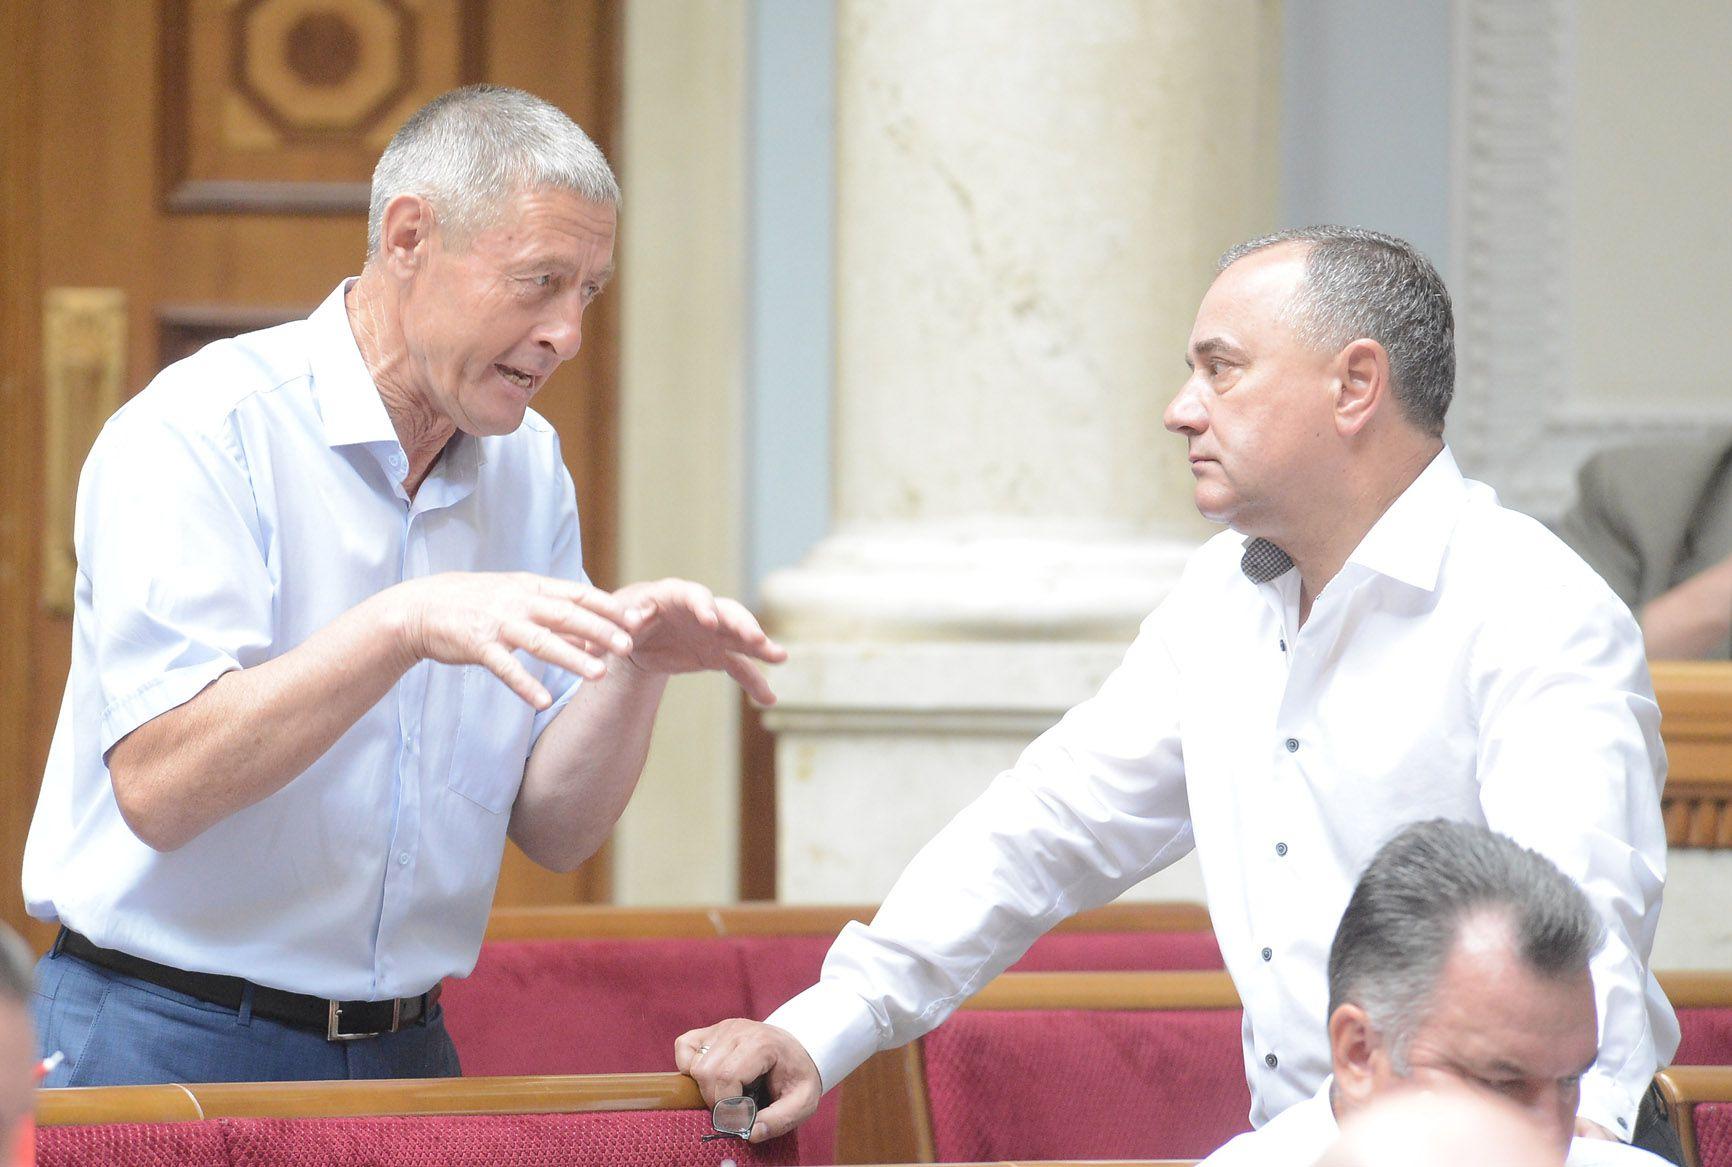 Закон про ТСК випише процедуру імпічменту